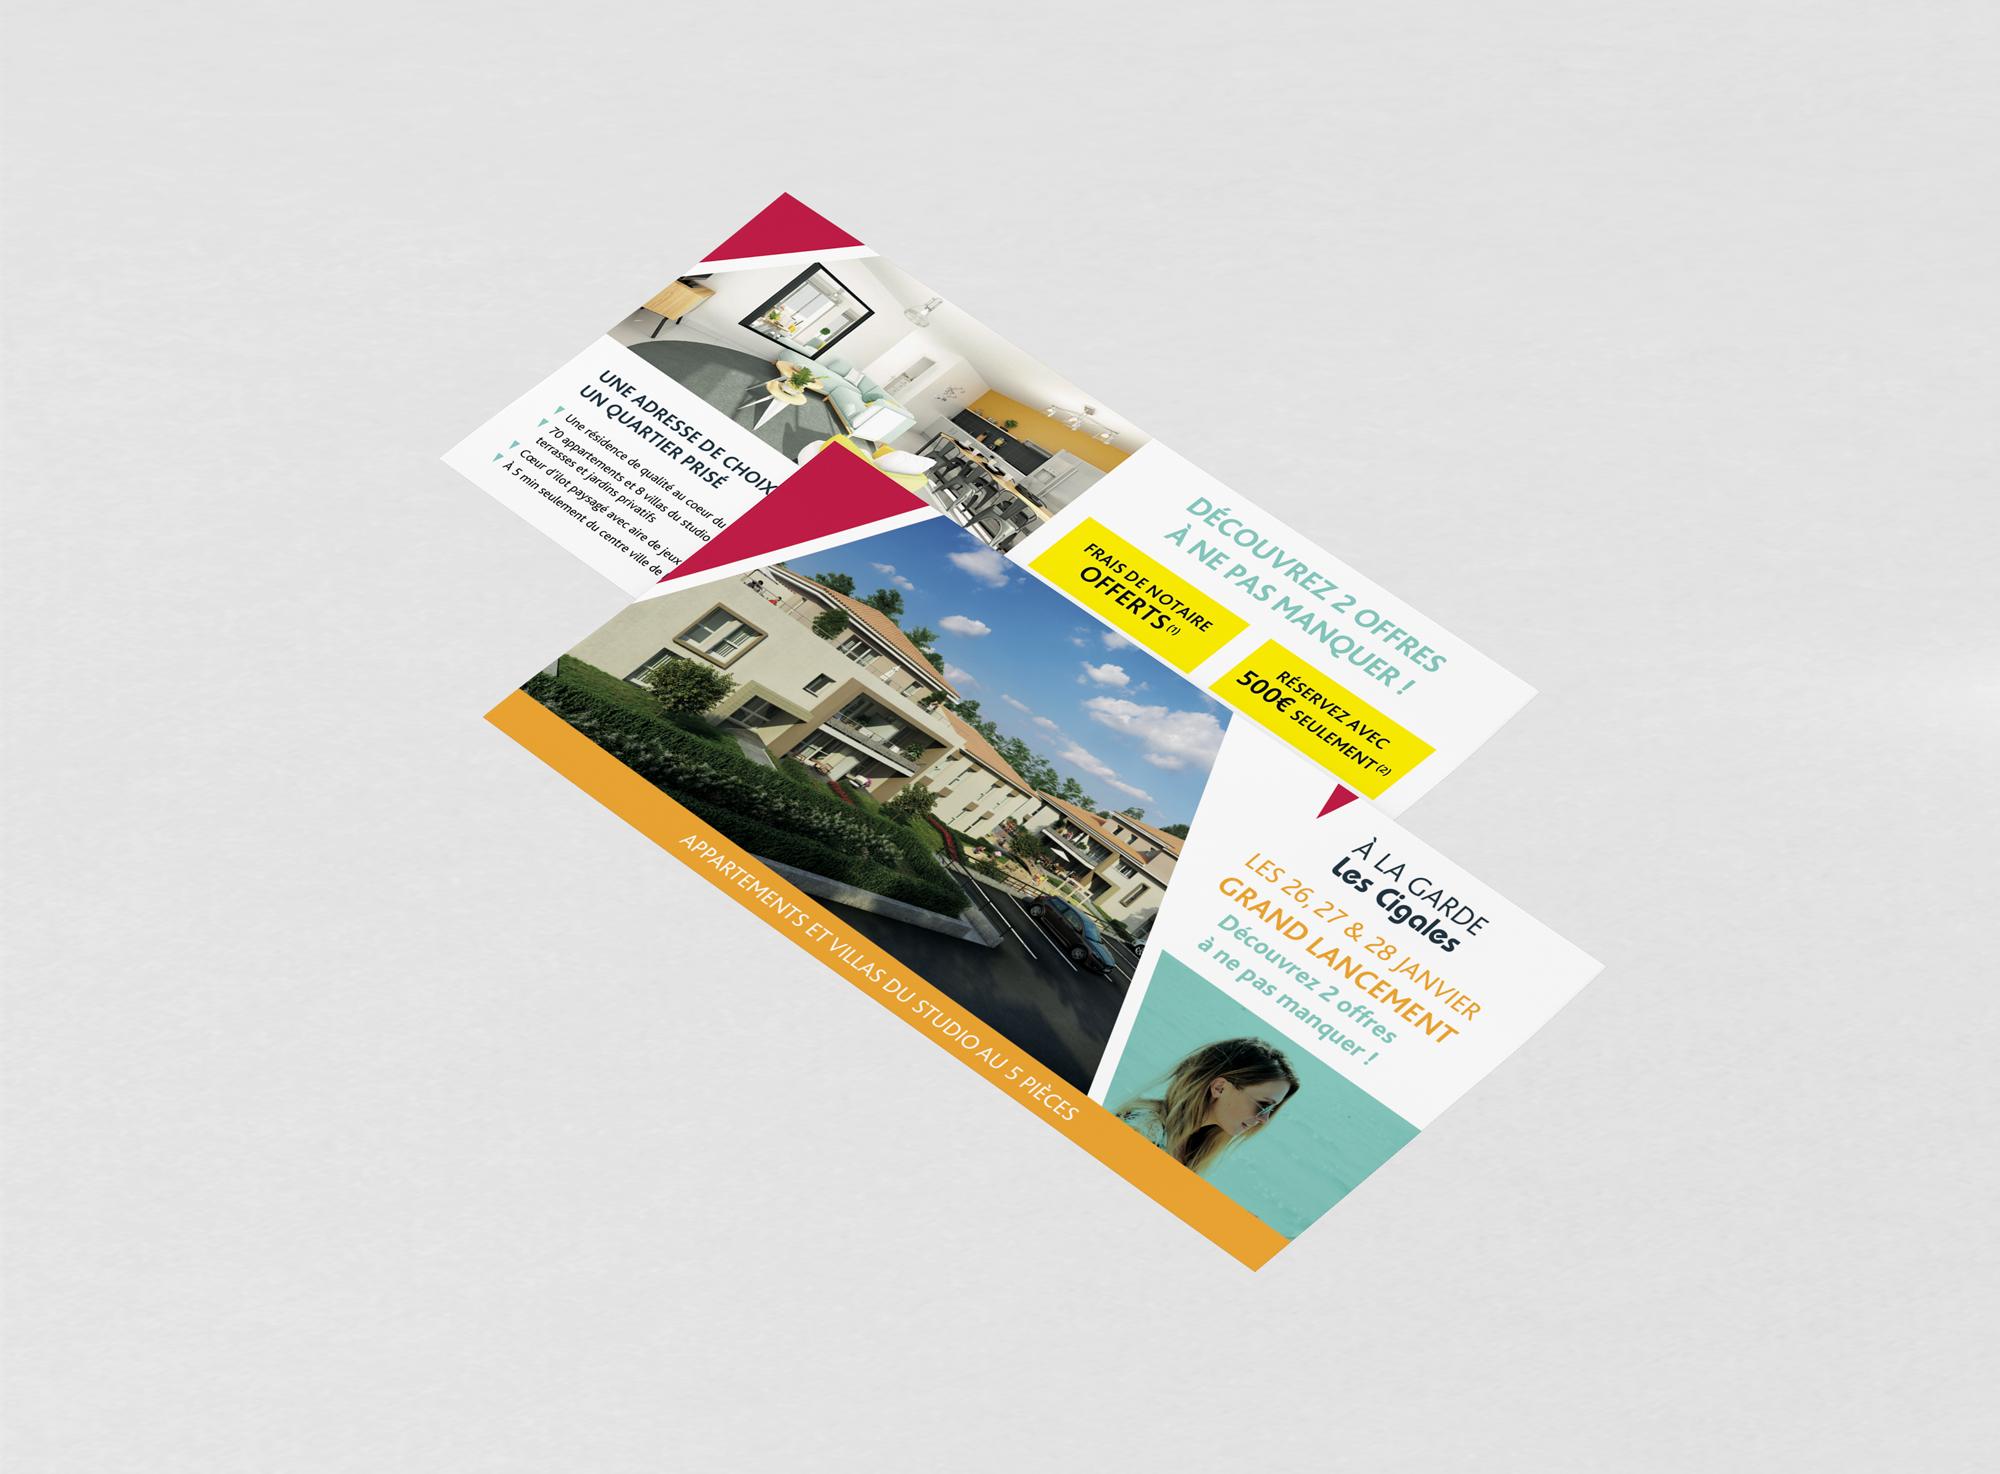 Edelis-flyer-grattage-mockup